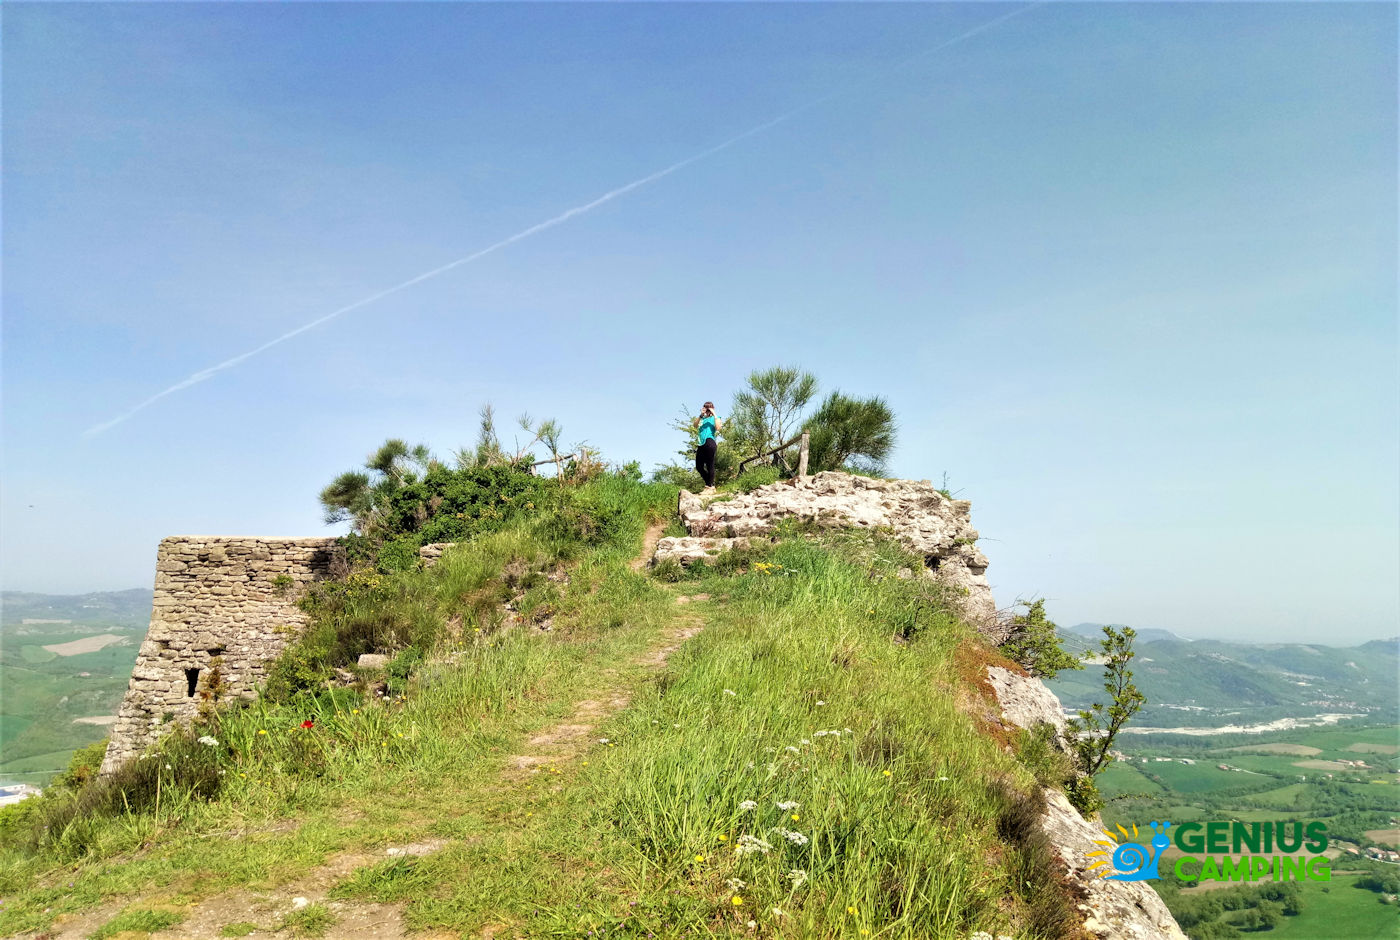 Valmarecchia e Montefeltro La rocca di Maioletto - rocca di Maioletto sommità